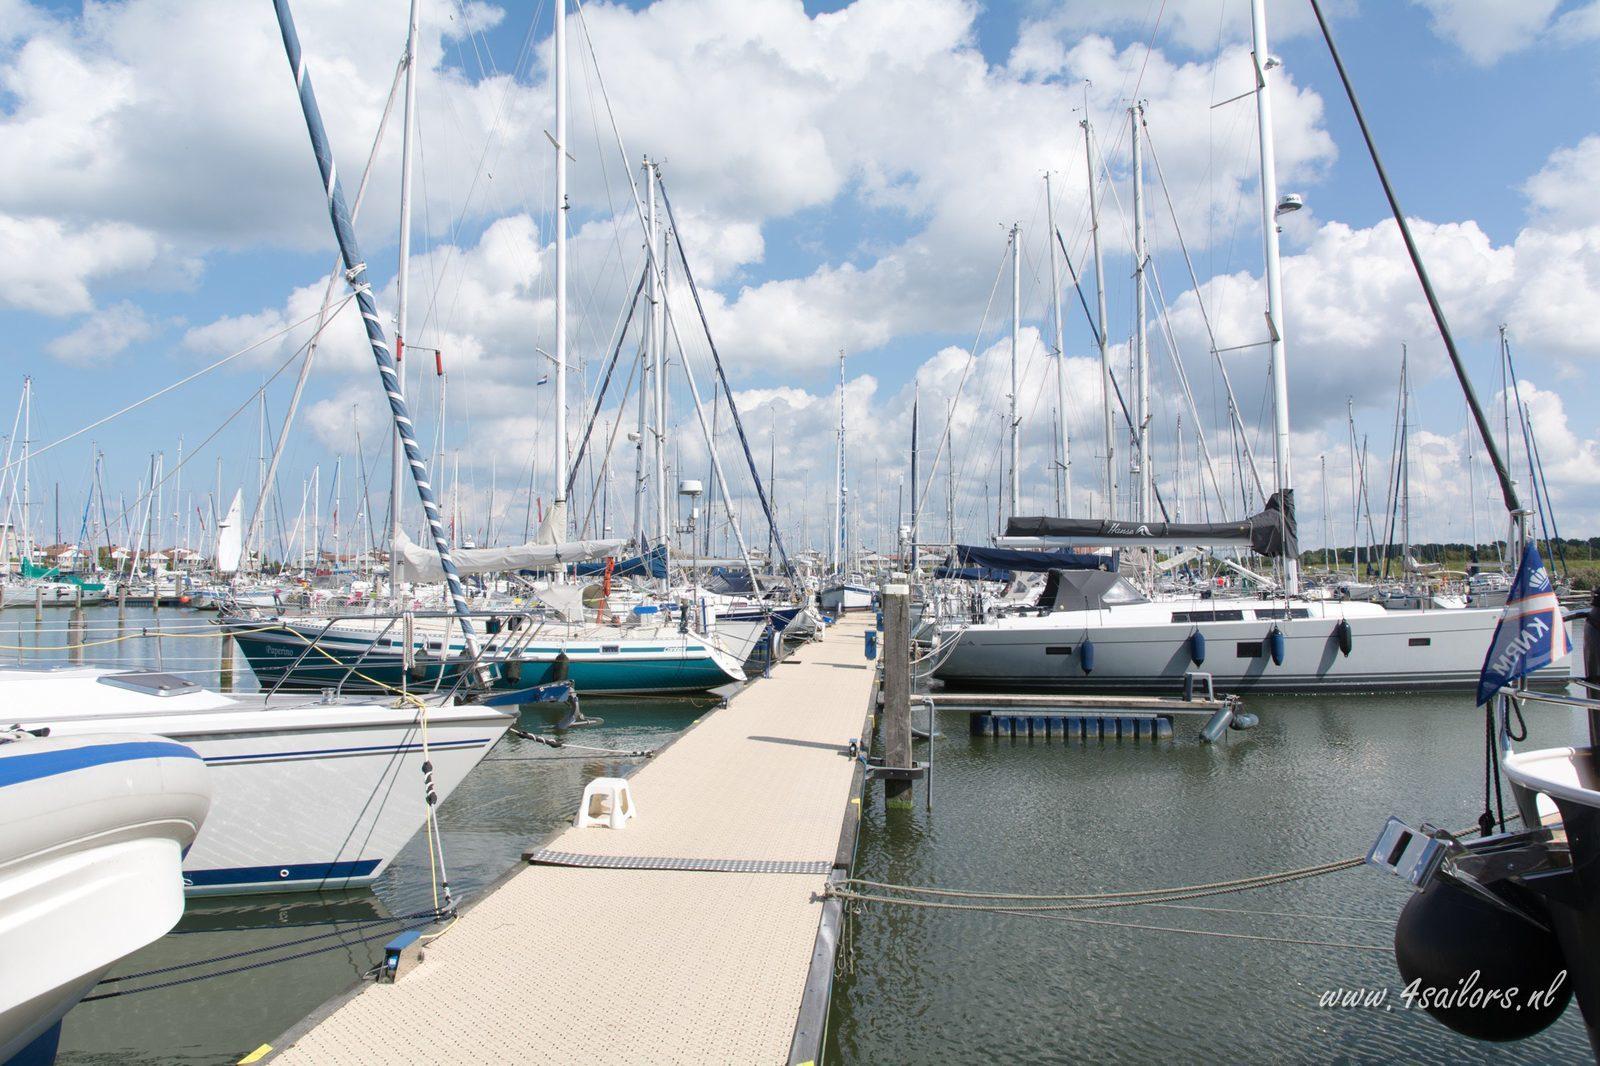 Jachthaven Deko Marina